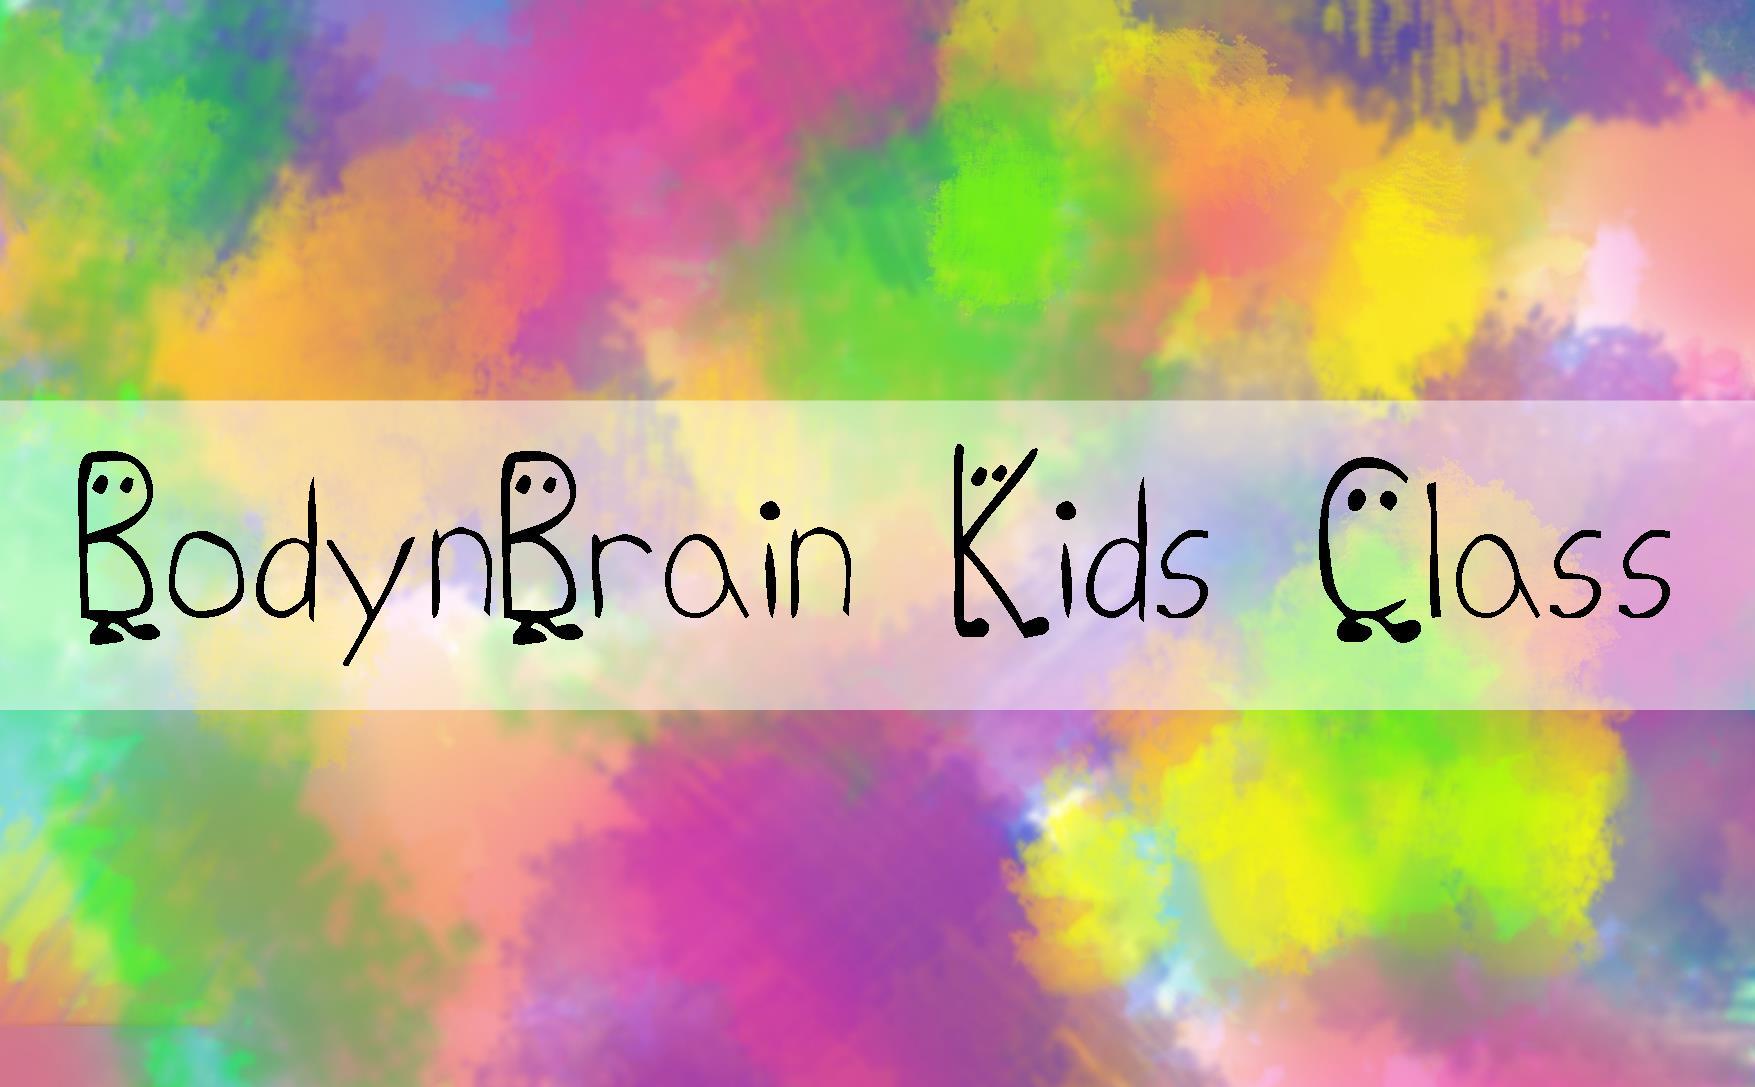 Kids Class Feb 23rd